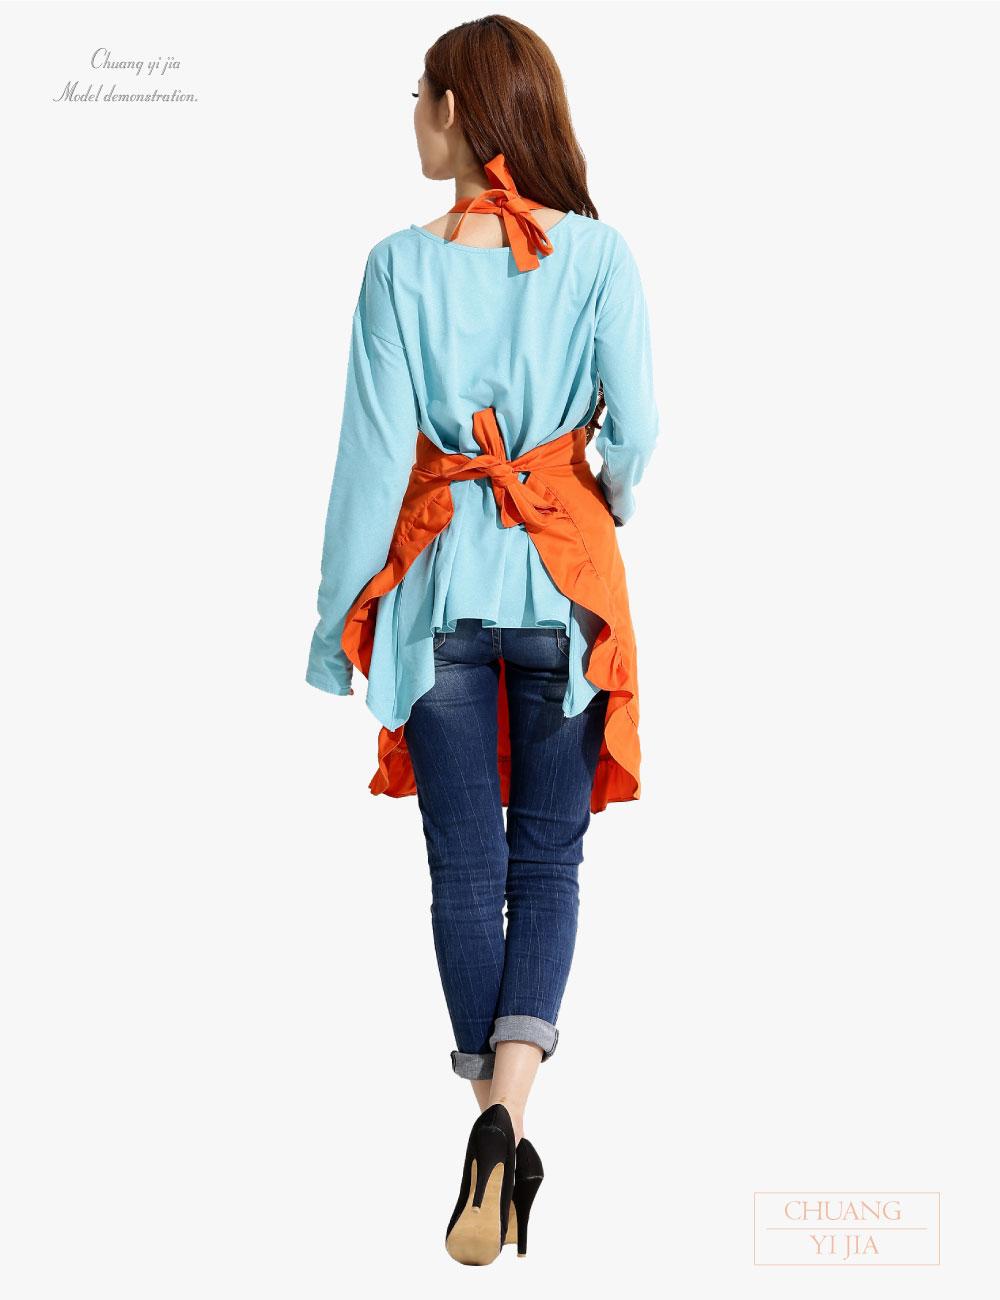 工作圍裙,專業圍裙,廚師圍裙,烘培圍裙,園藝圍裙,防髒圍裙,日式圍裙